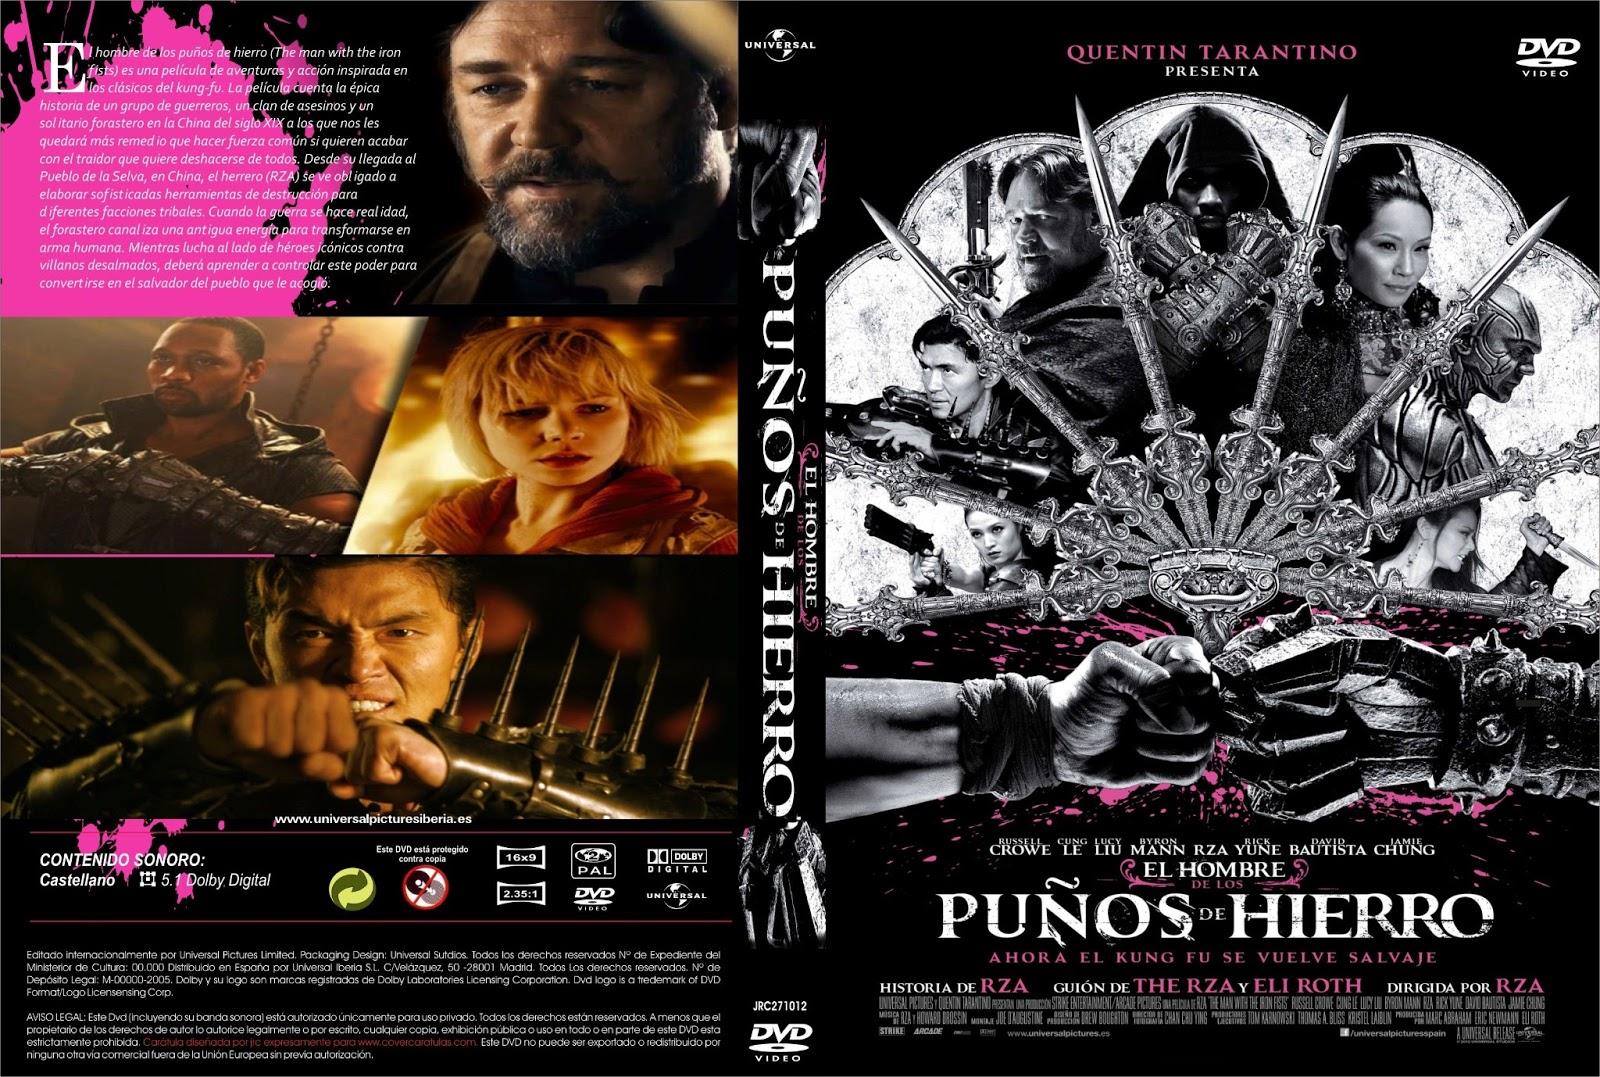 http://1.bp.blogspot.com/-1BgN9BEZd3E/URDsjkuPwTI/AAAAAAAAE5Q/Wo8SU0UqmSs/s1600/El+Hombre+De+Los+Punos+De+Hierro+-+2013.jpg